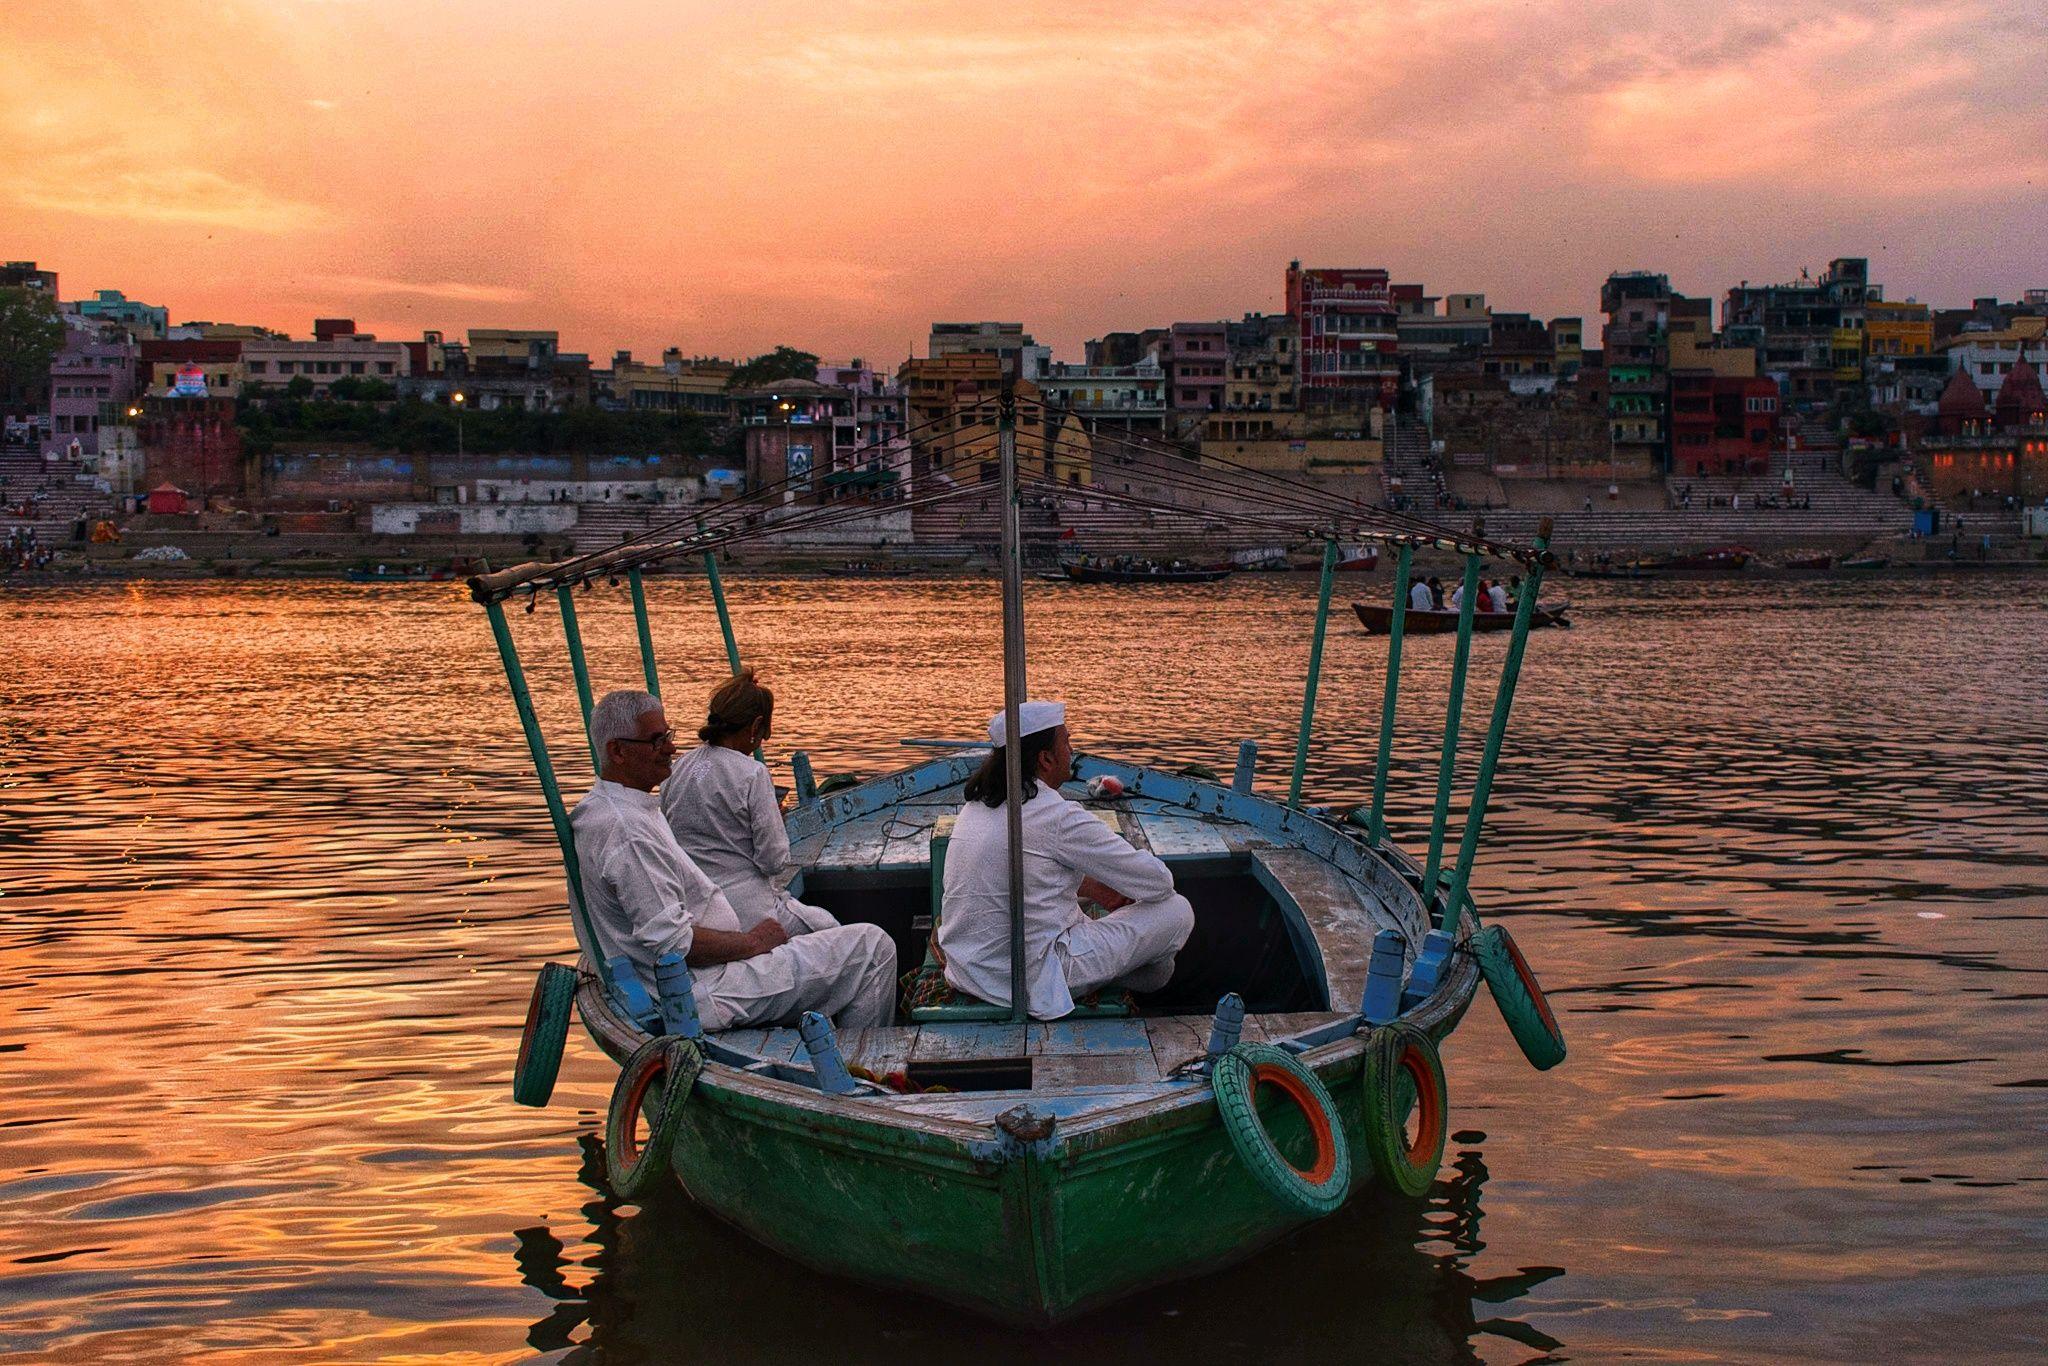 Evening Of Banaras Ghat